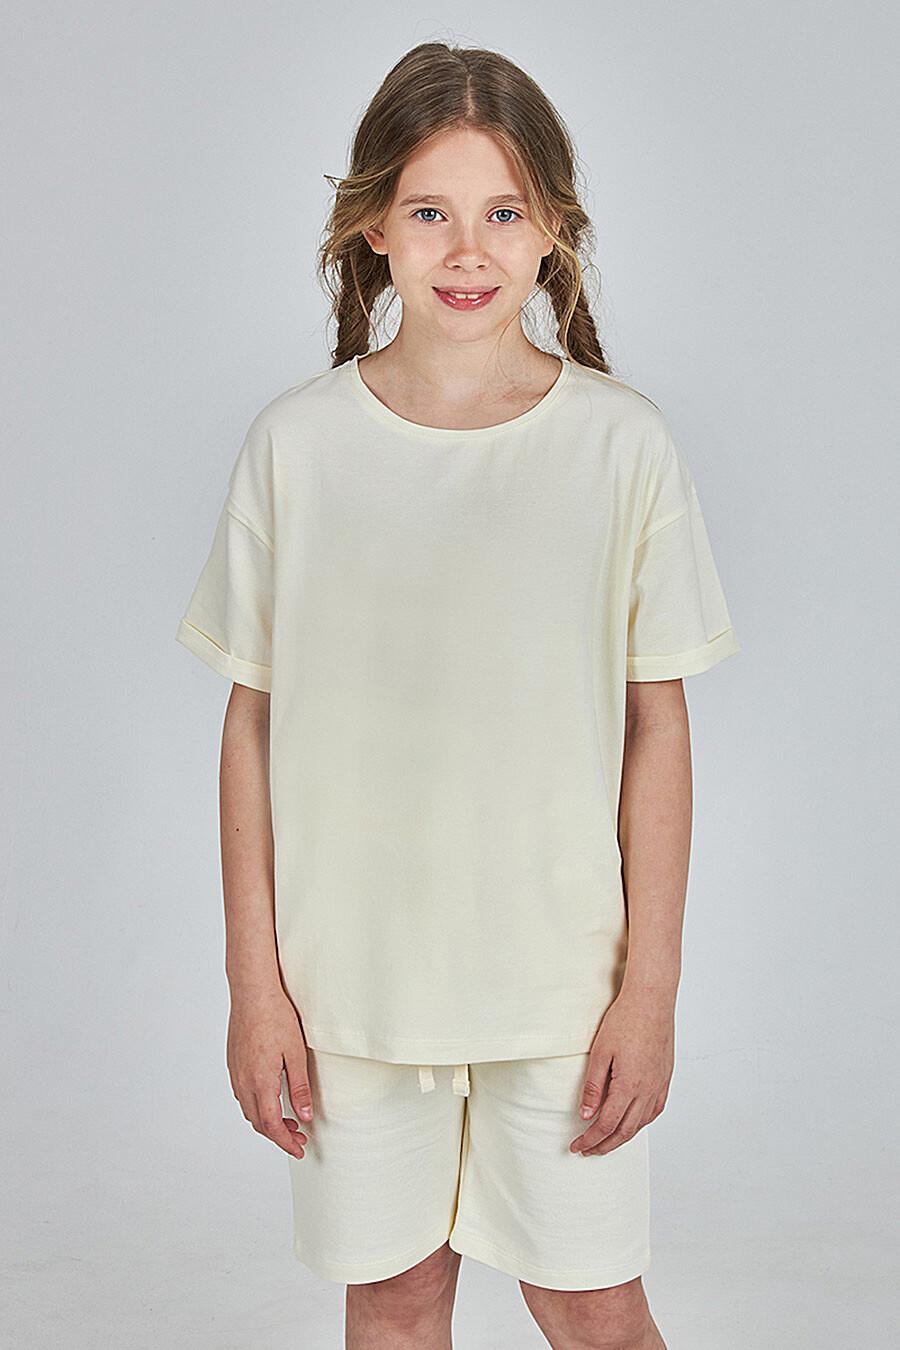 Футболка для девочек KOGANKIDS 682749 купить оптом от производителя. Совместная покупка детской одежды в OptMoyo